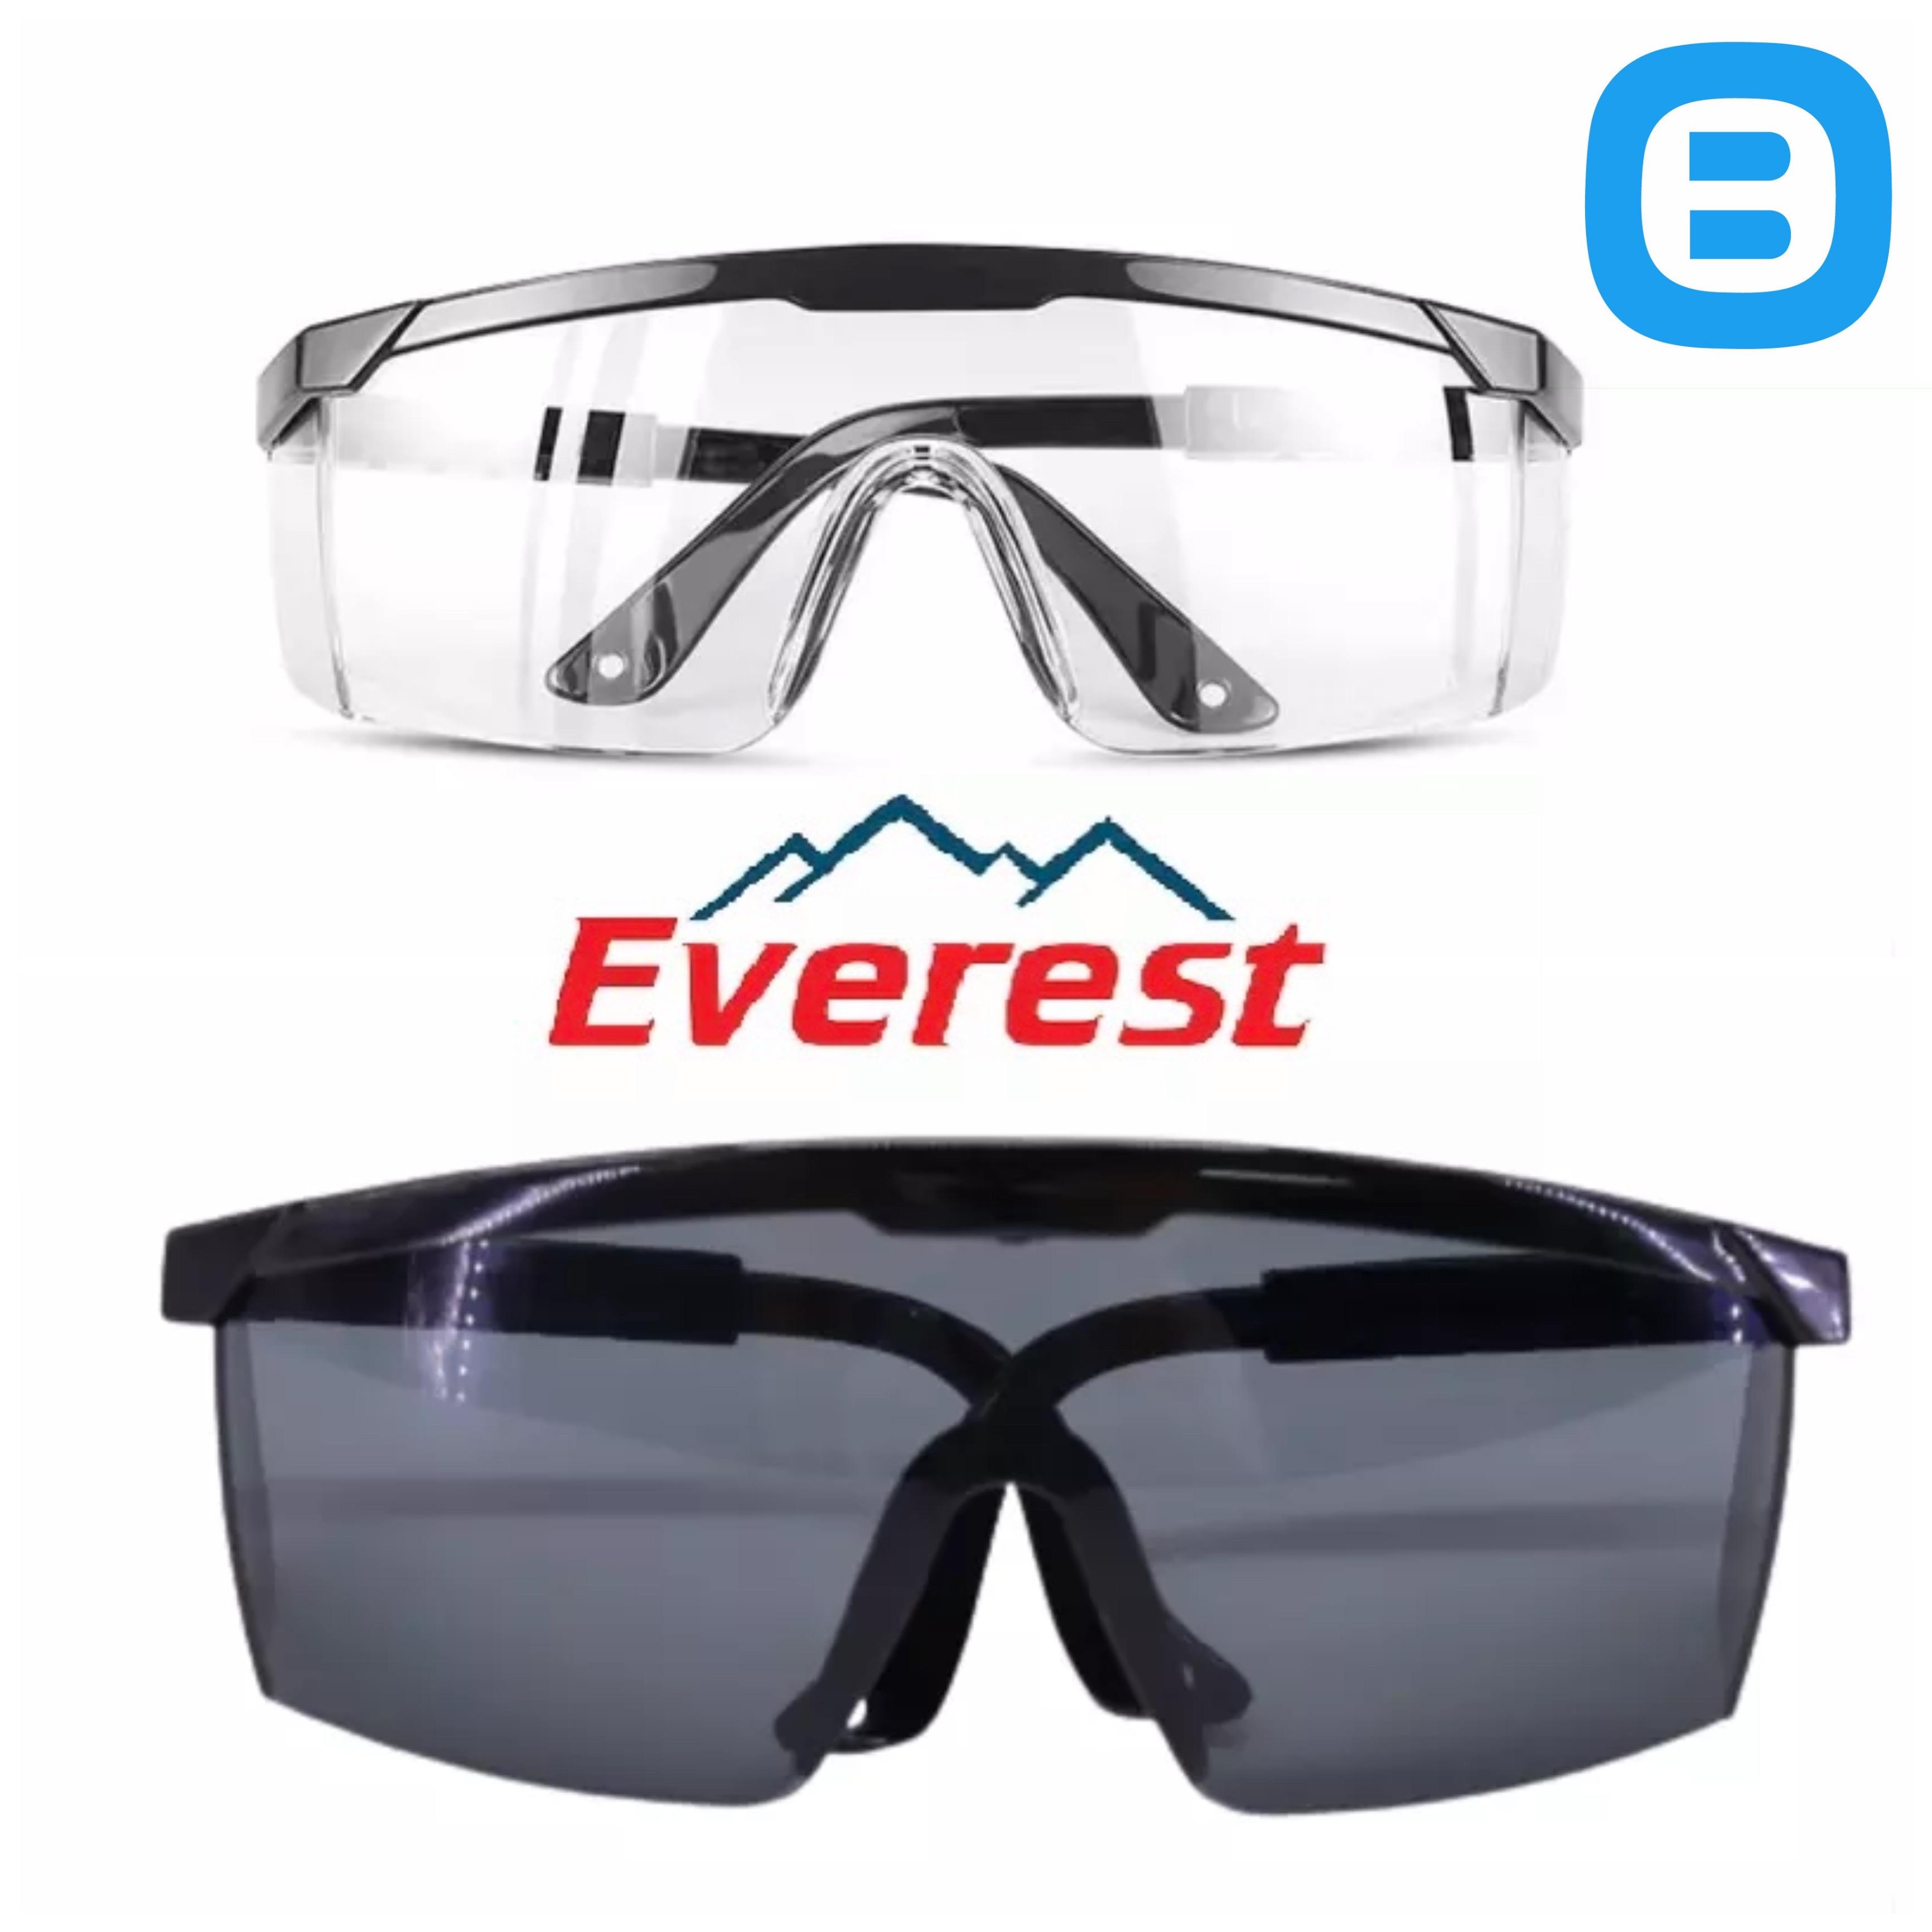 Everest EV105 Kính bảo hộ cao cấp chống bụi, chống tia UV, chống đọng sương, chống trầy xước bảo vệ mắt